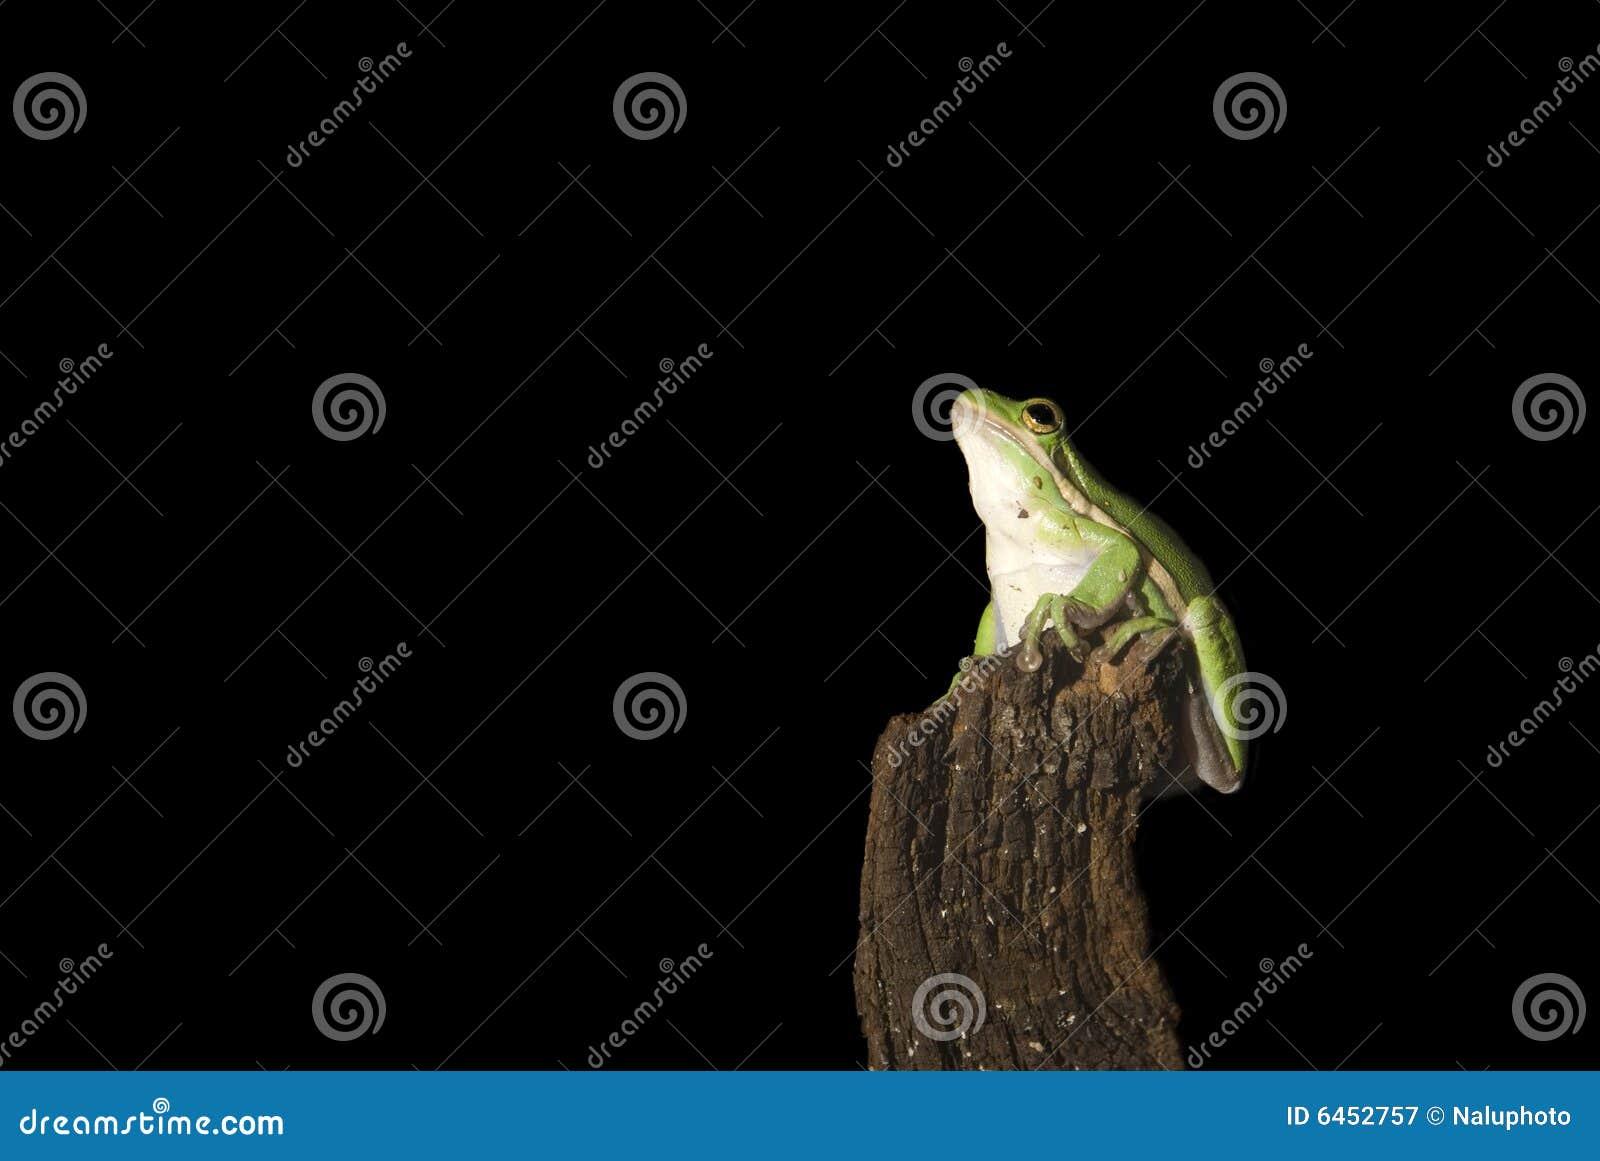 żaby zielone drzewa śnić